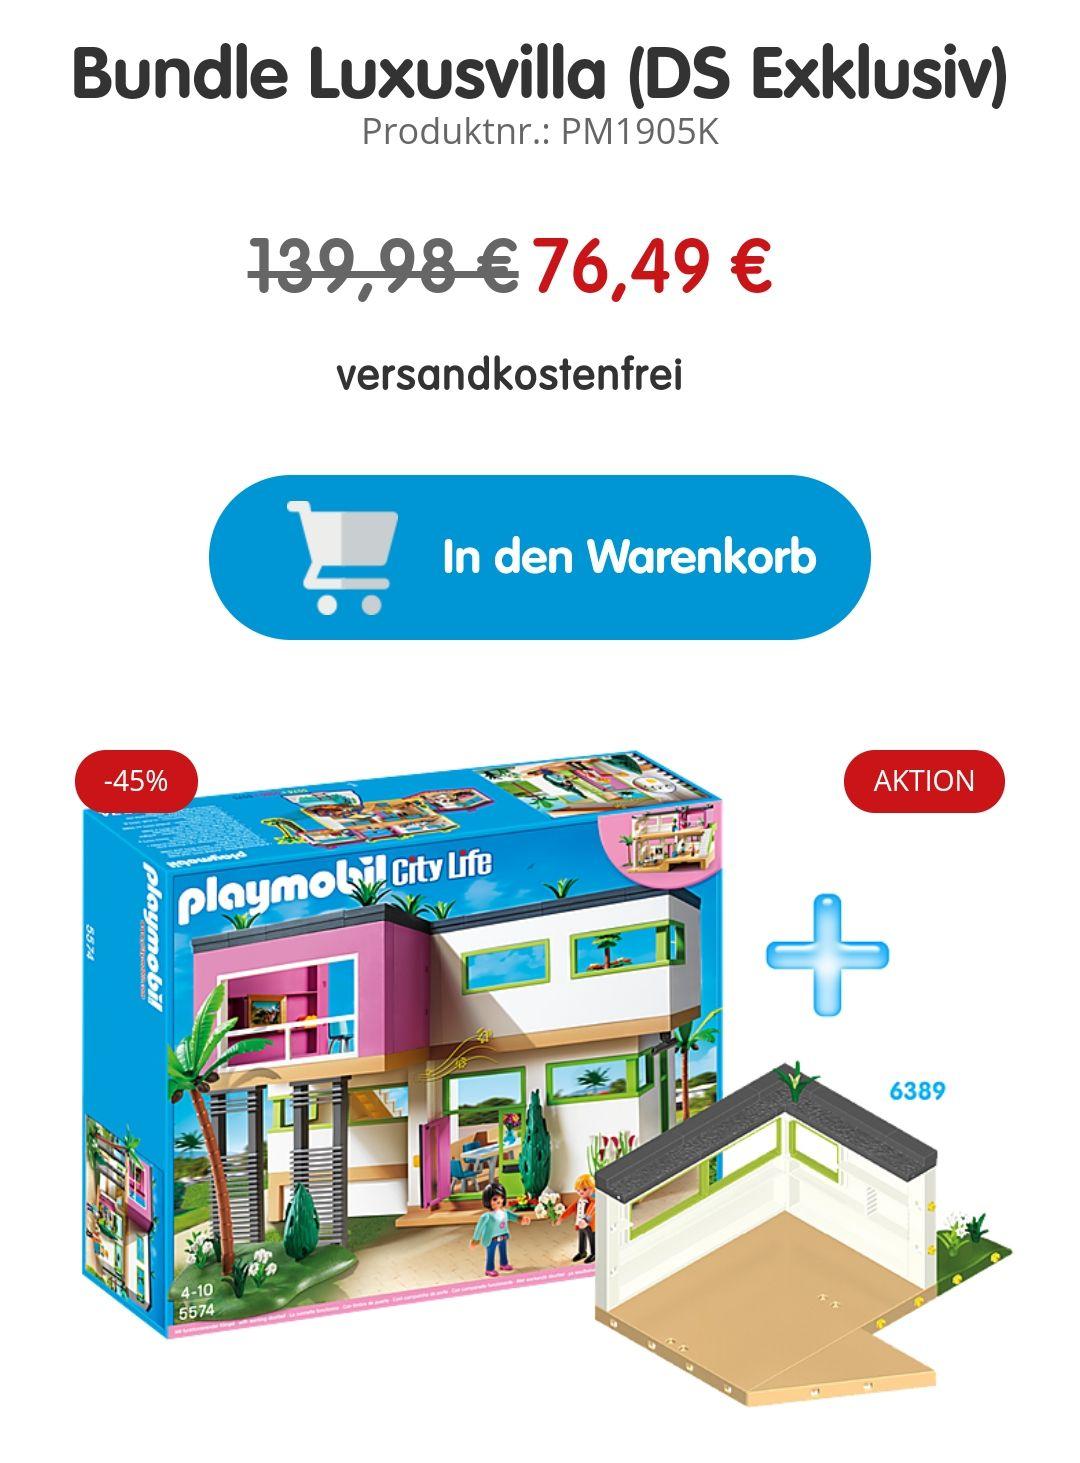 Playmobil moderne Luxusvilla 5574 + Erweiterung 6389 Gratis